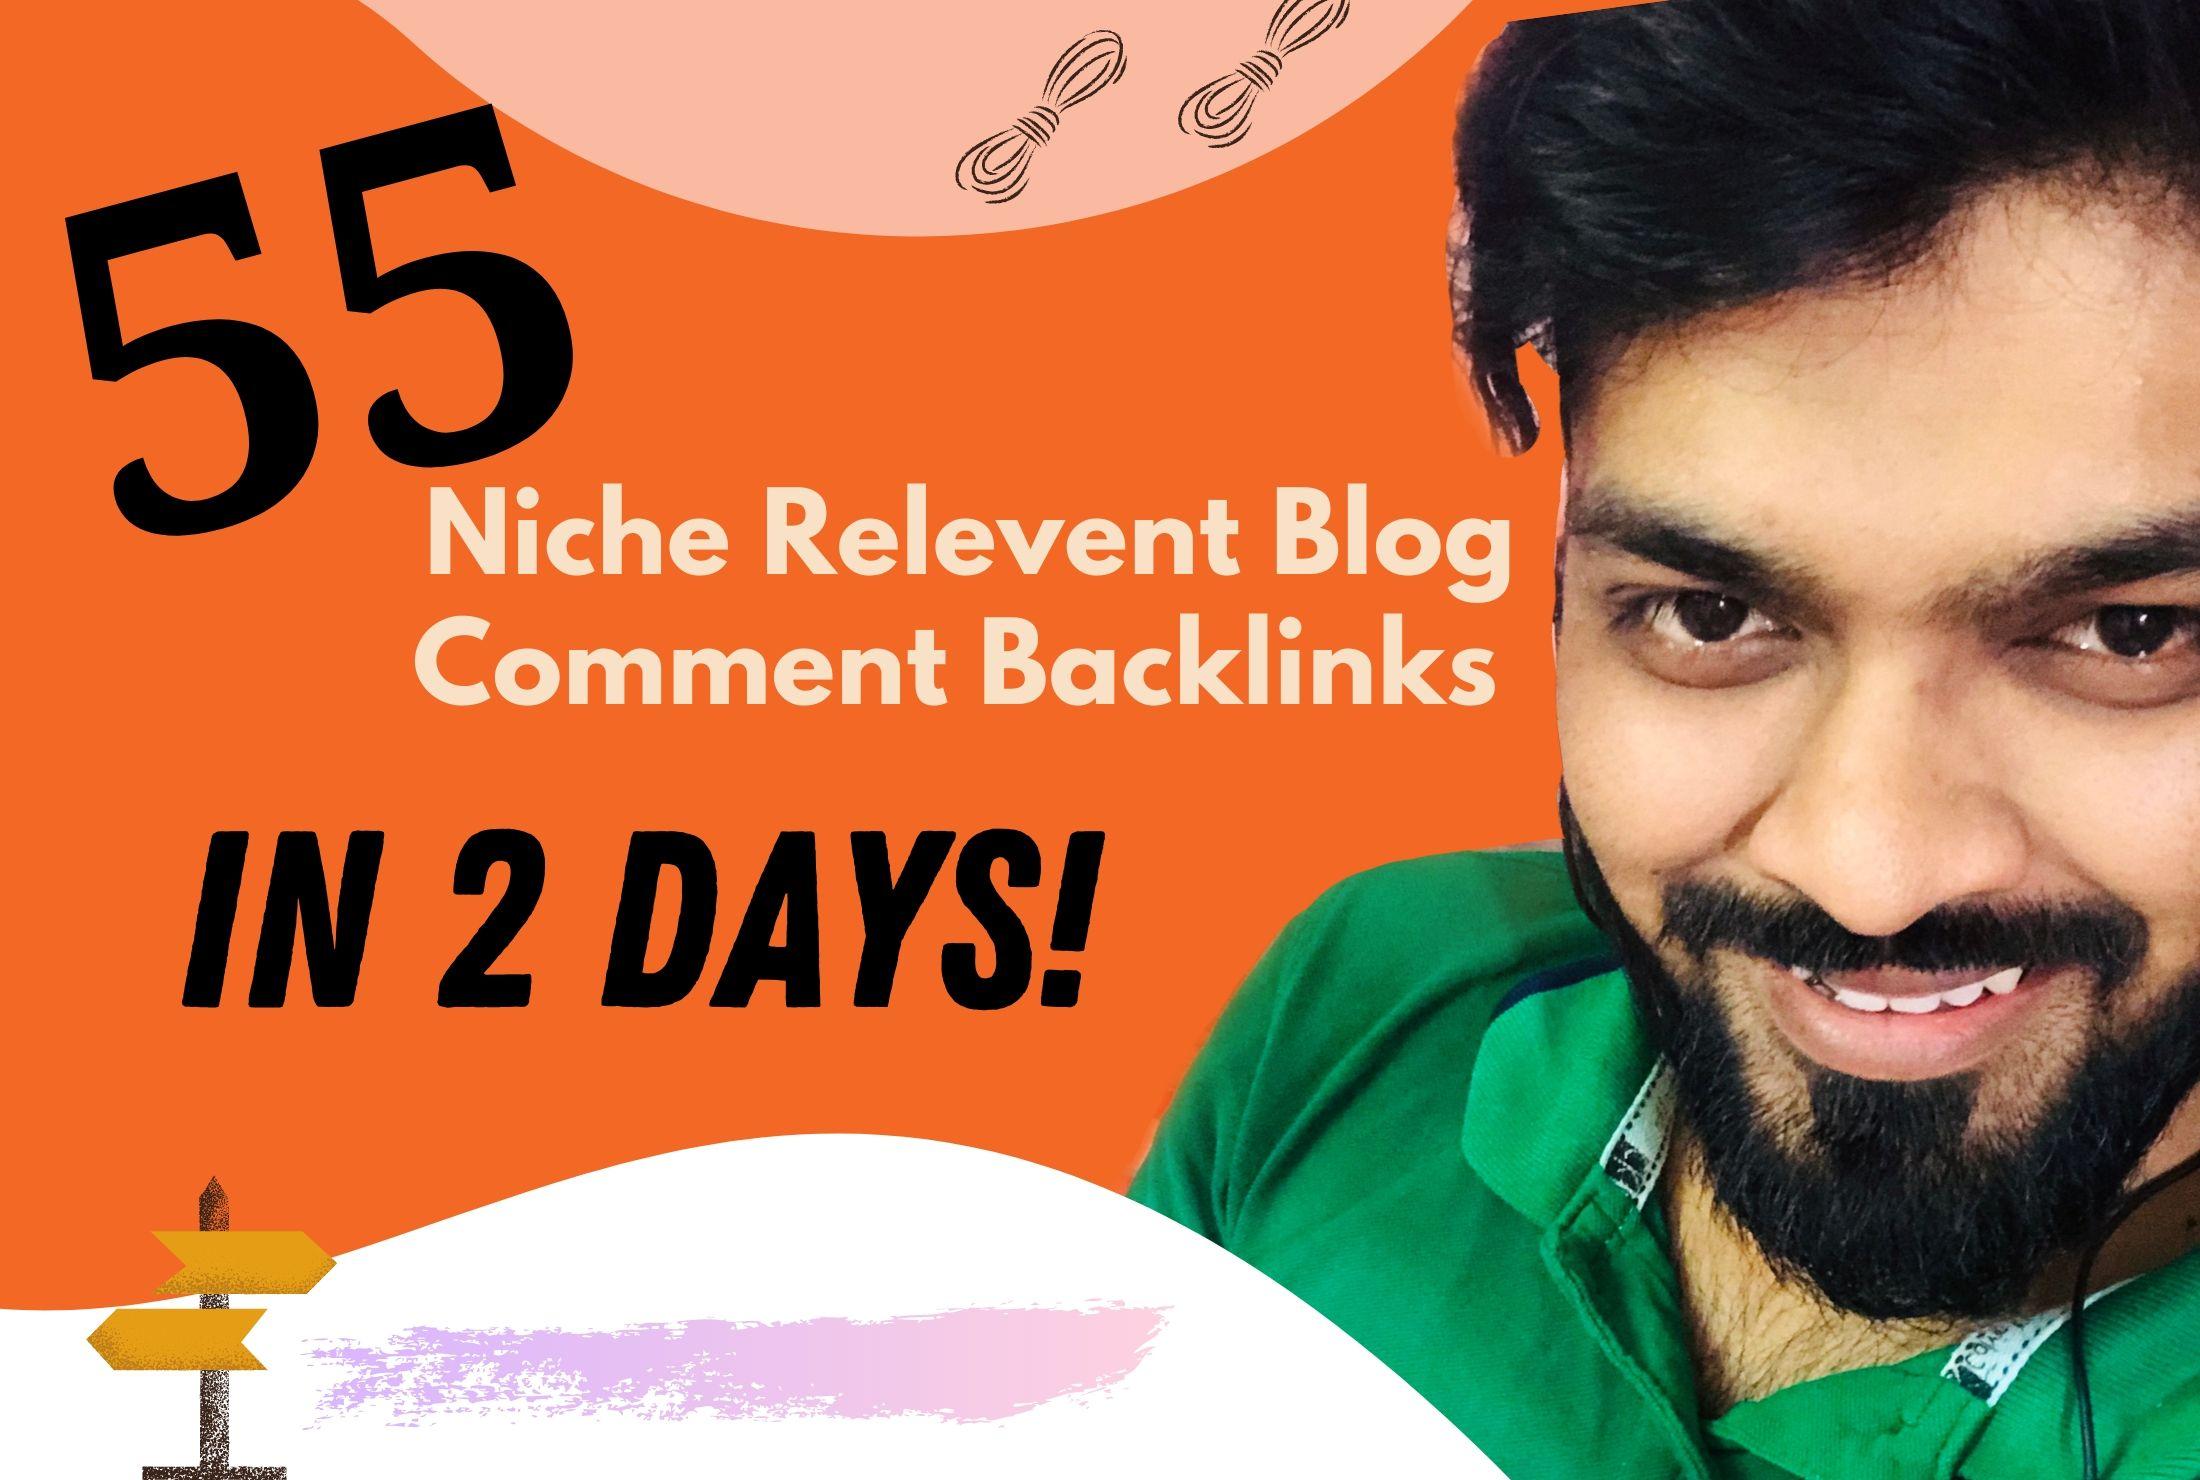 I Will Do 55+ Approved Blog Comment Backlinks. Niche Relevent Backlinks